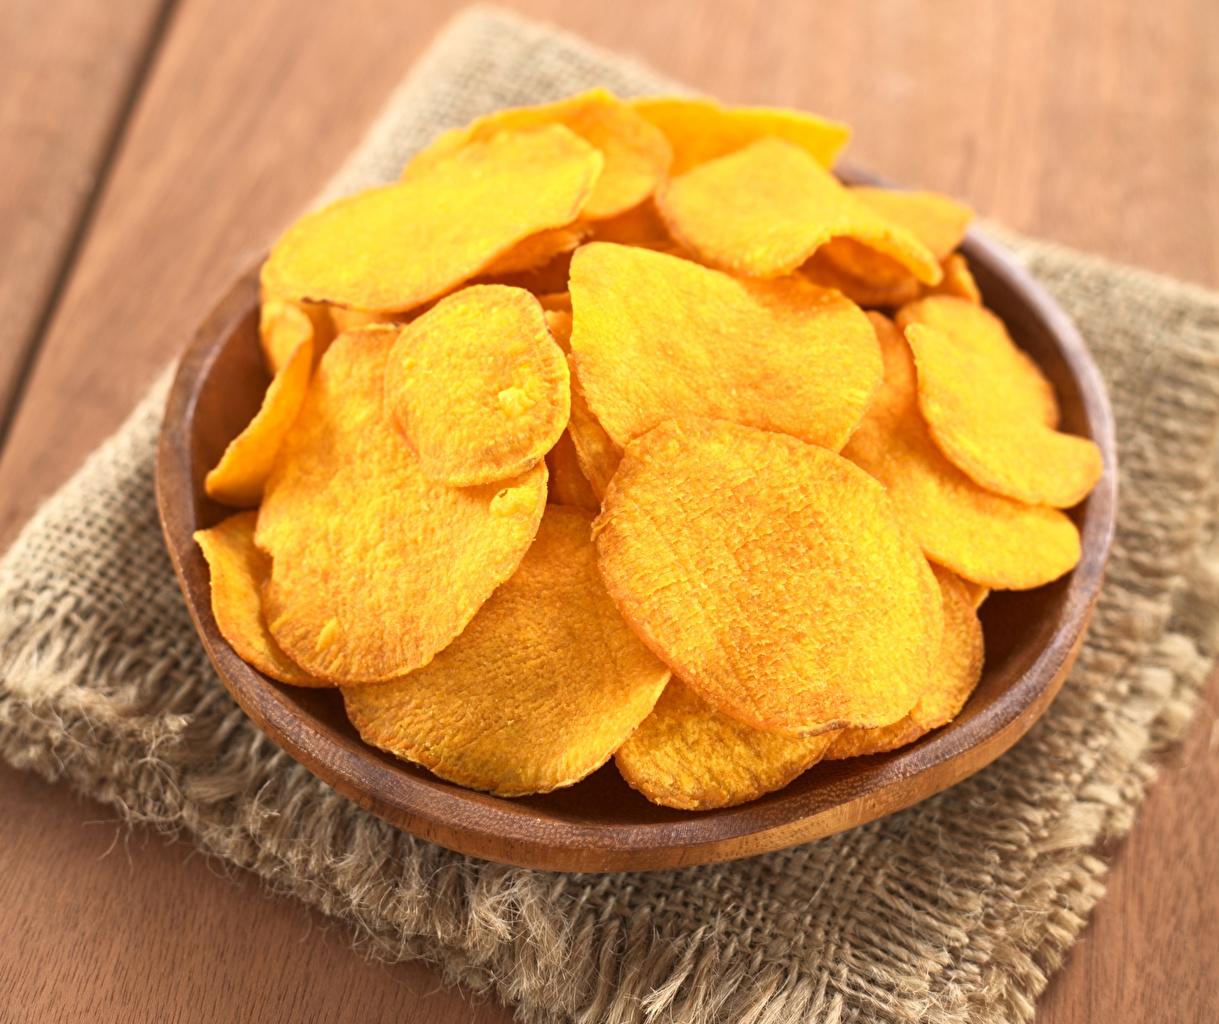 Bilder von Kartoffelchips Fast food Teller Lebensmittel Großansicht